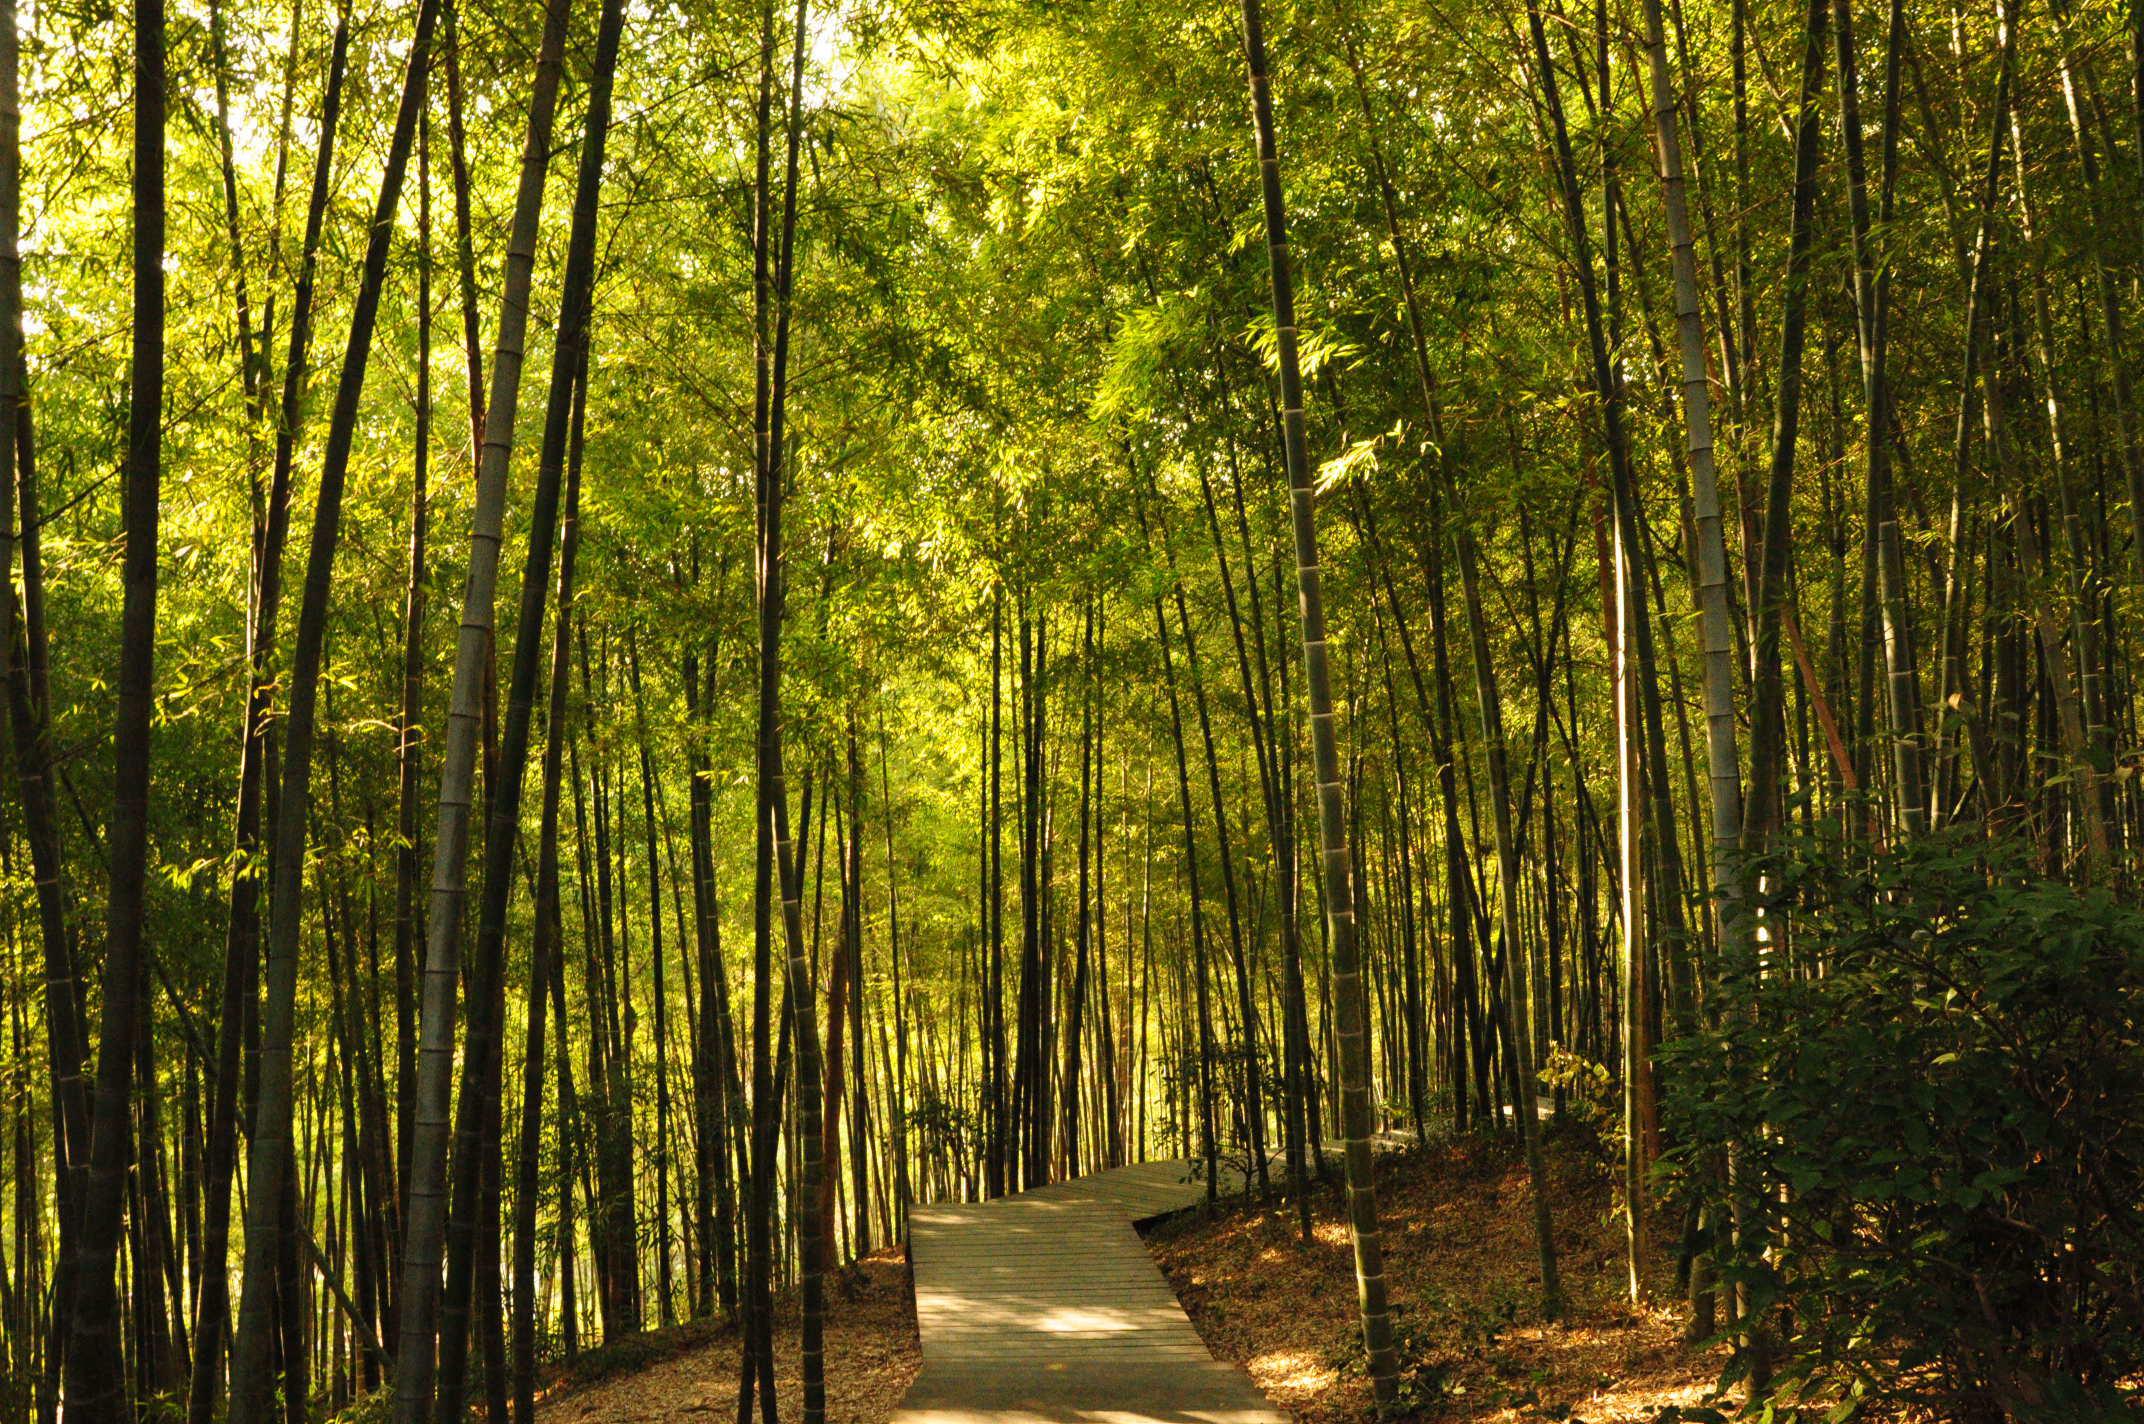 壁紙 風景 森林 植物 桌面